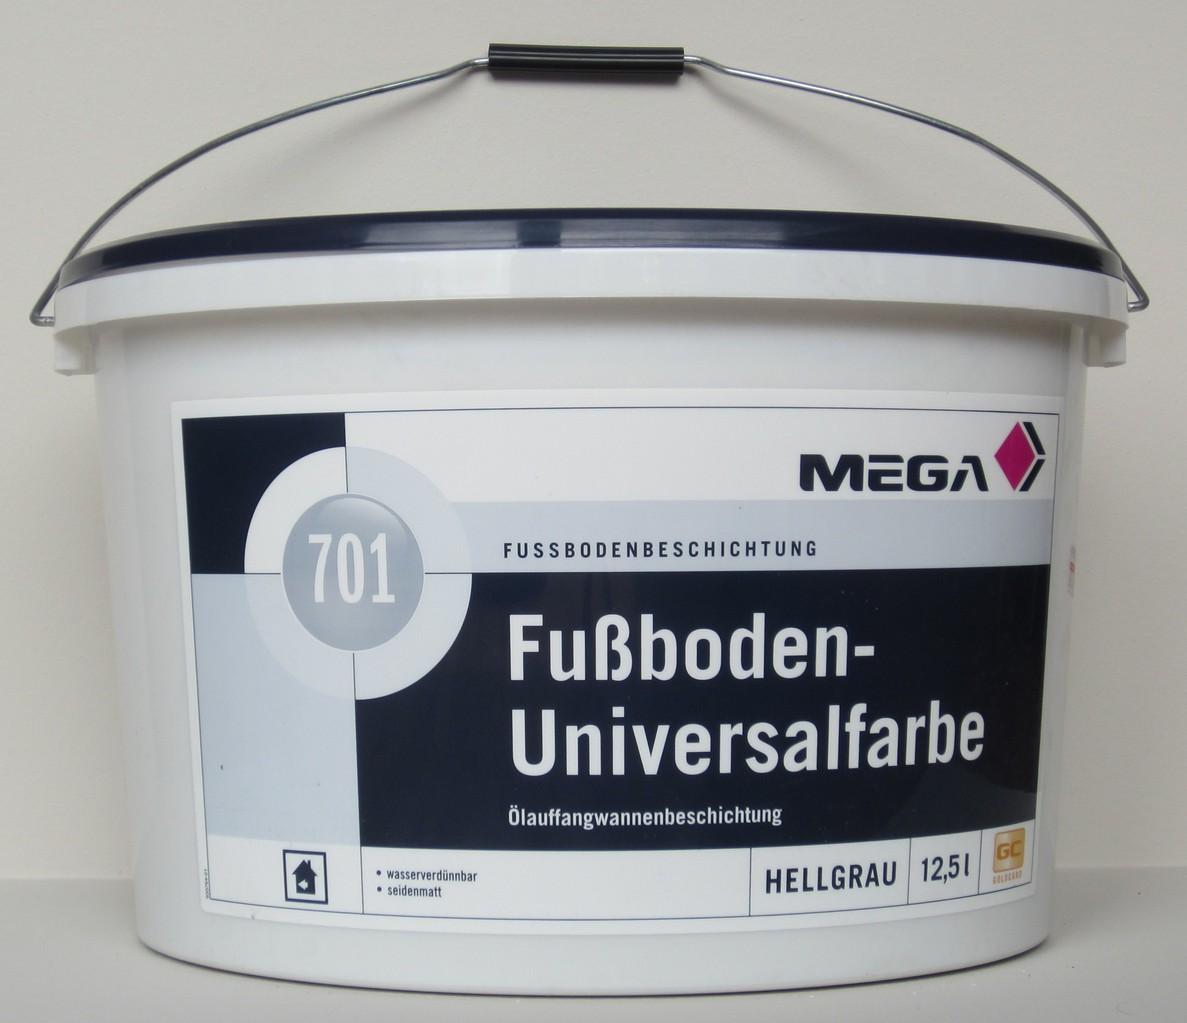 Mega Fussboden Universalfarbe 701 12 5 L Hellgrau Mega